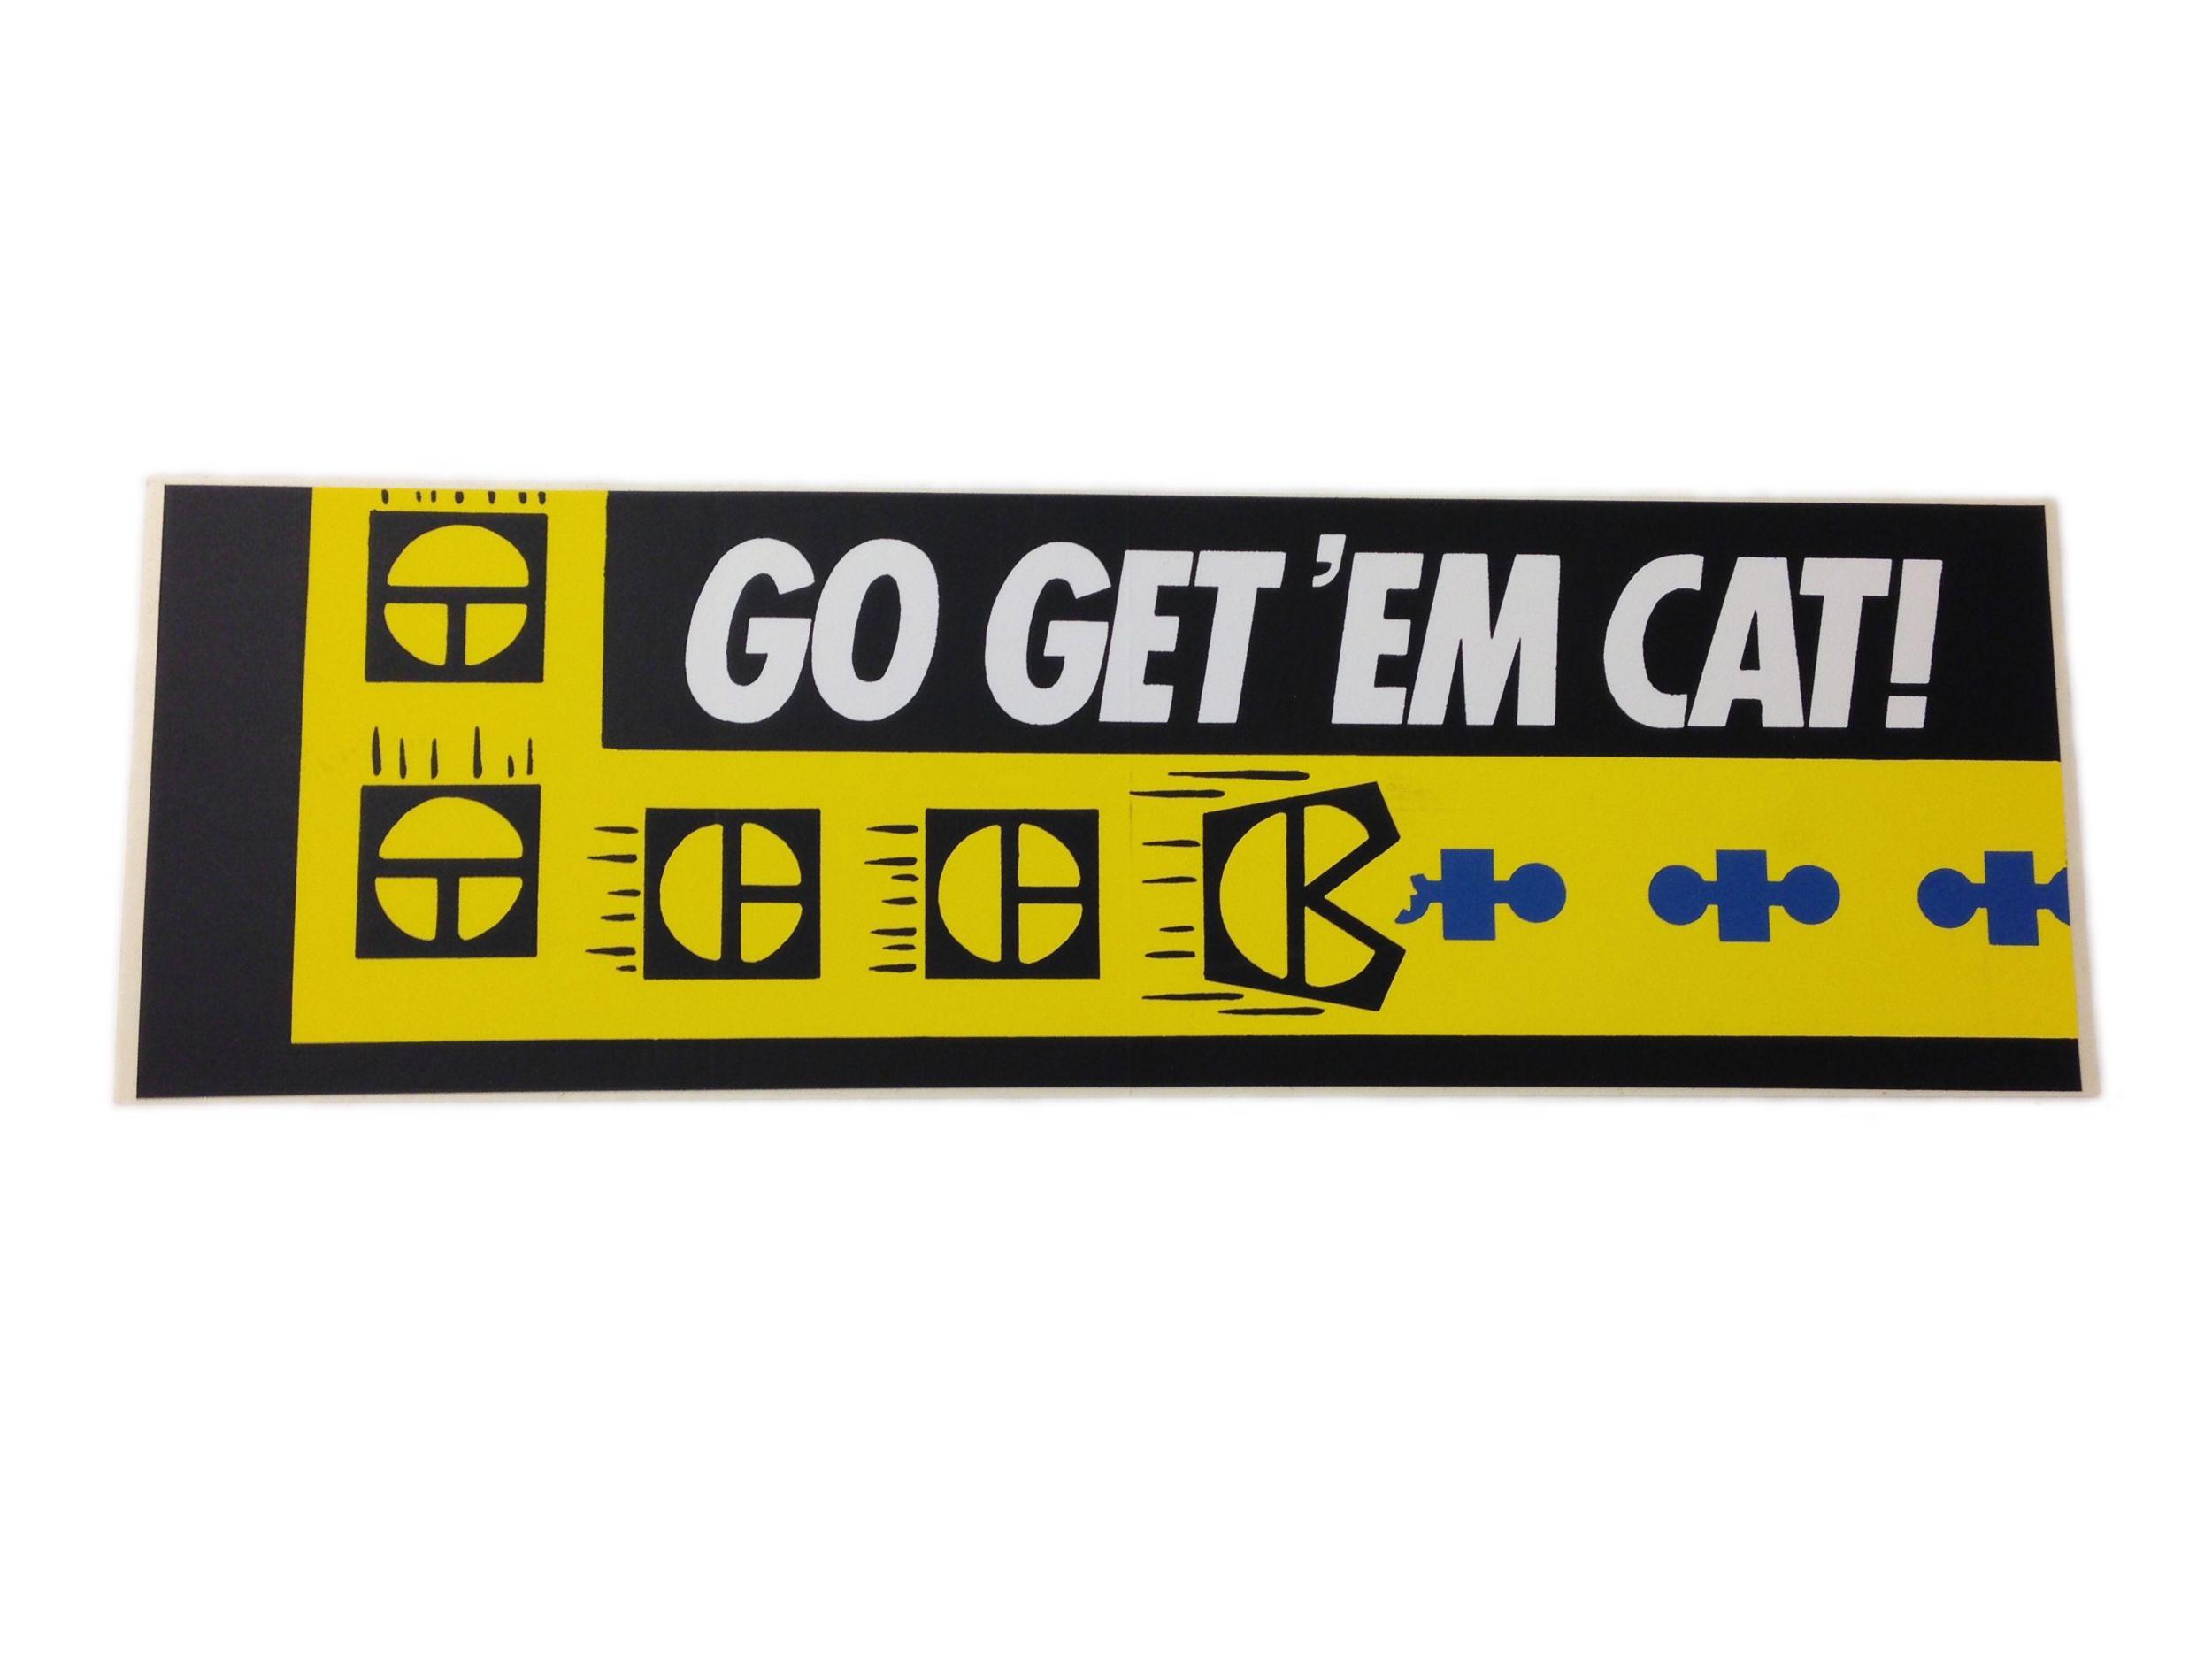 Go Get 'Em Cat